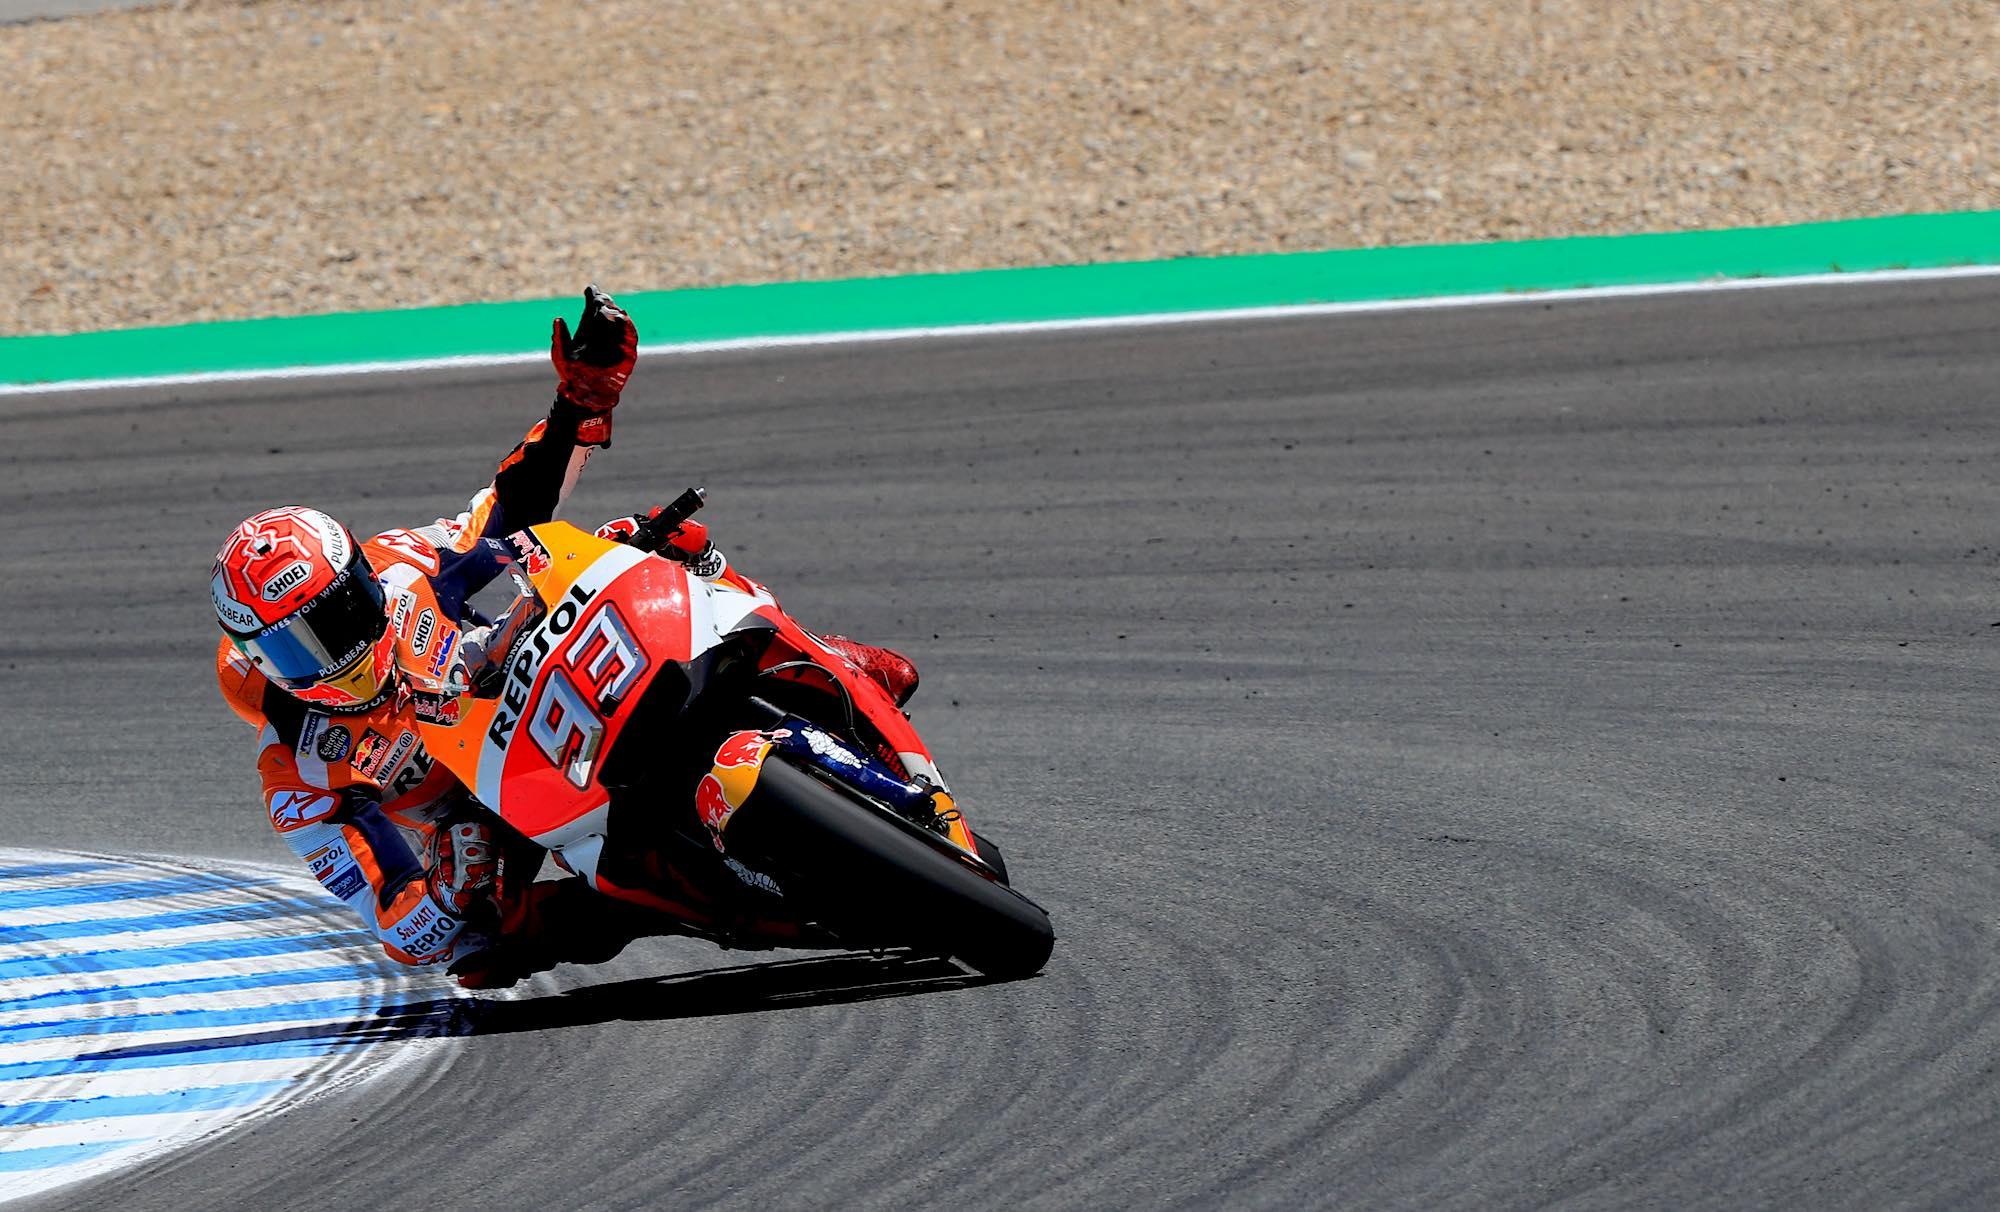 """Marc Márquez: """"Jorge Lorenzo parecía el de Yamaha, tenía muy buena velocidad"""""""